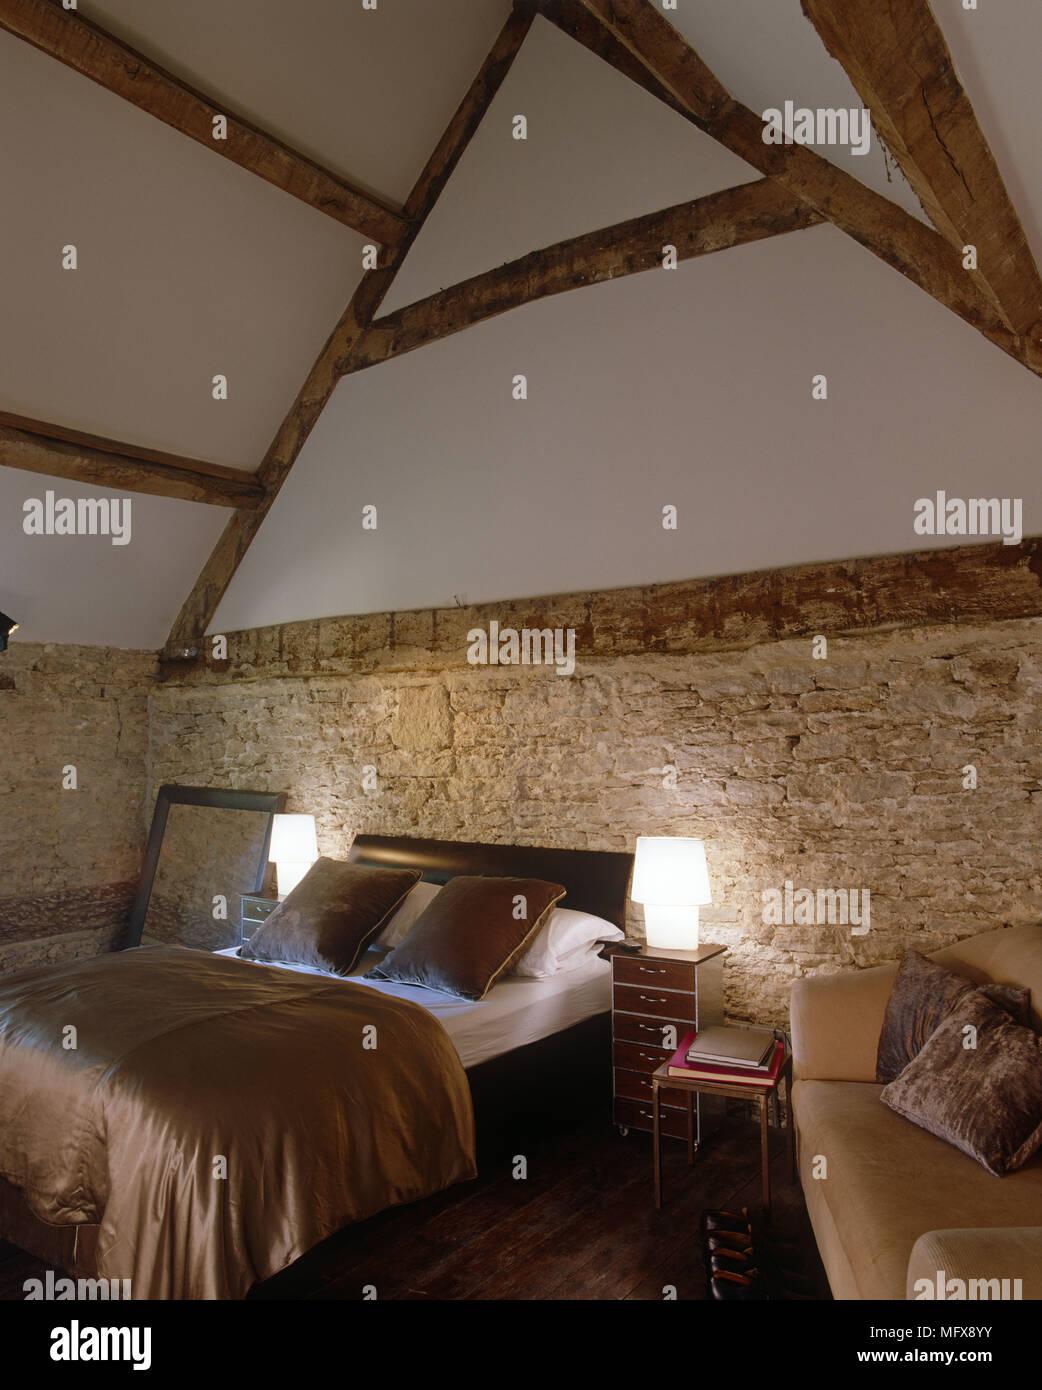 Leuchten Lampen Auf Beiden Seiten Der Nachttische Doppelbett Im